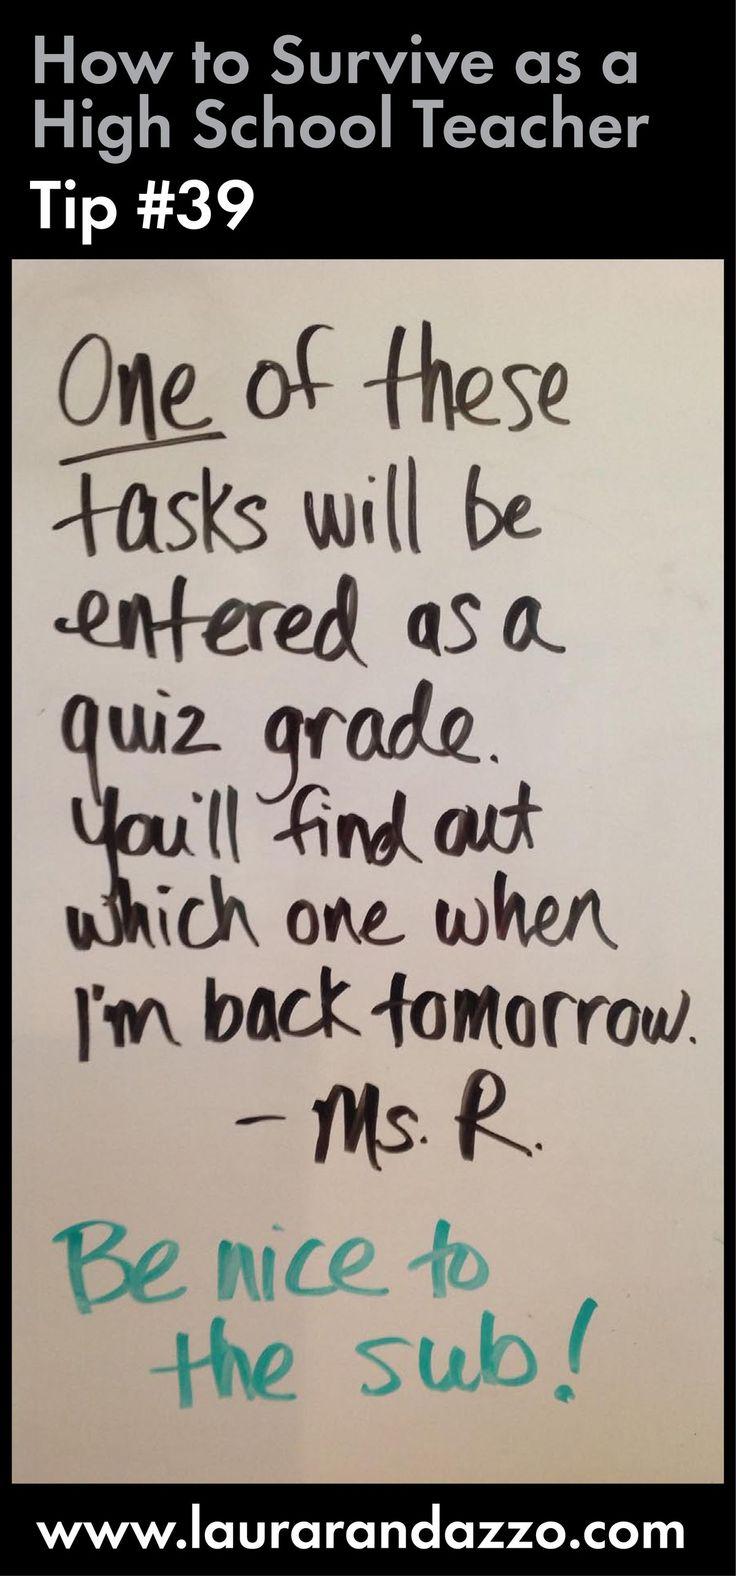 Teaching Teens in the 21st: Before the School Year Begins...